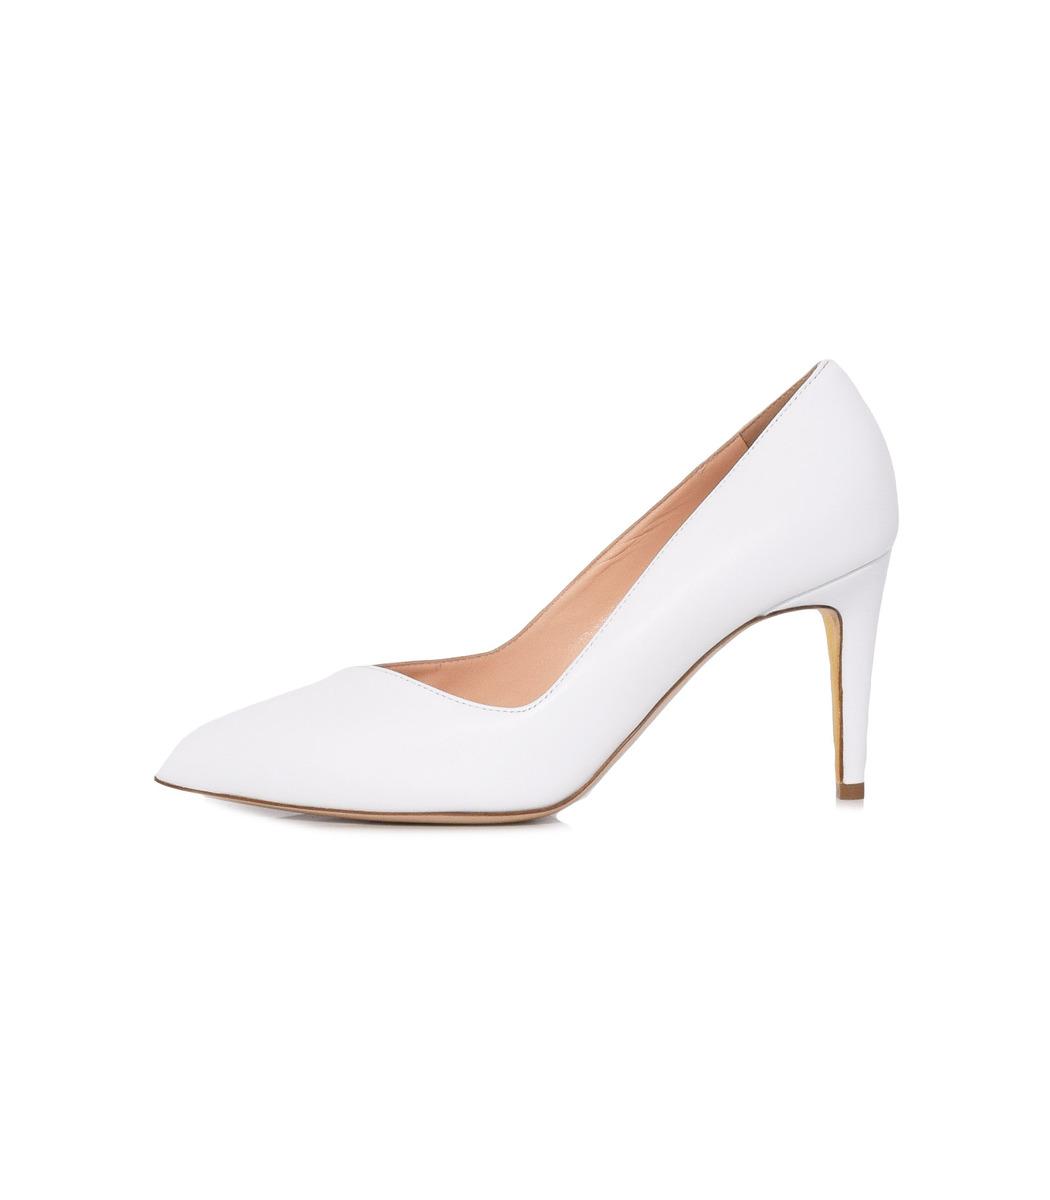 Vivian court shoes - Nude & Neutrals Rupert Sanderson Kl0miLL